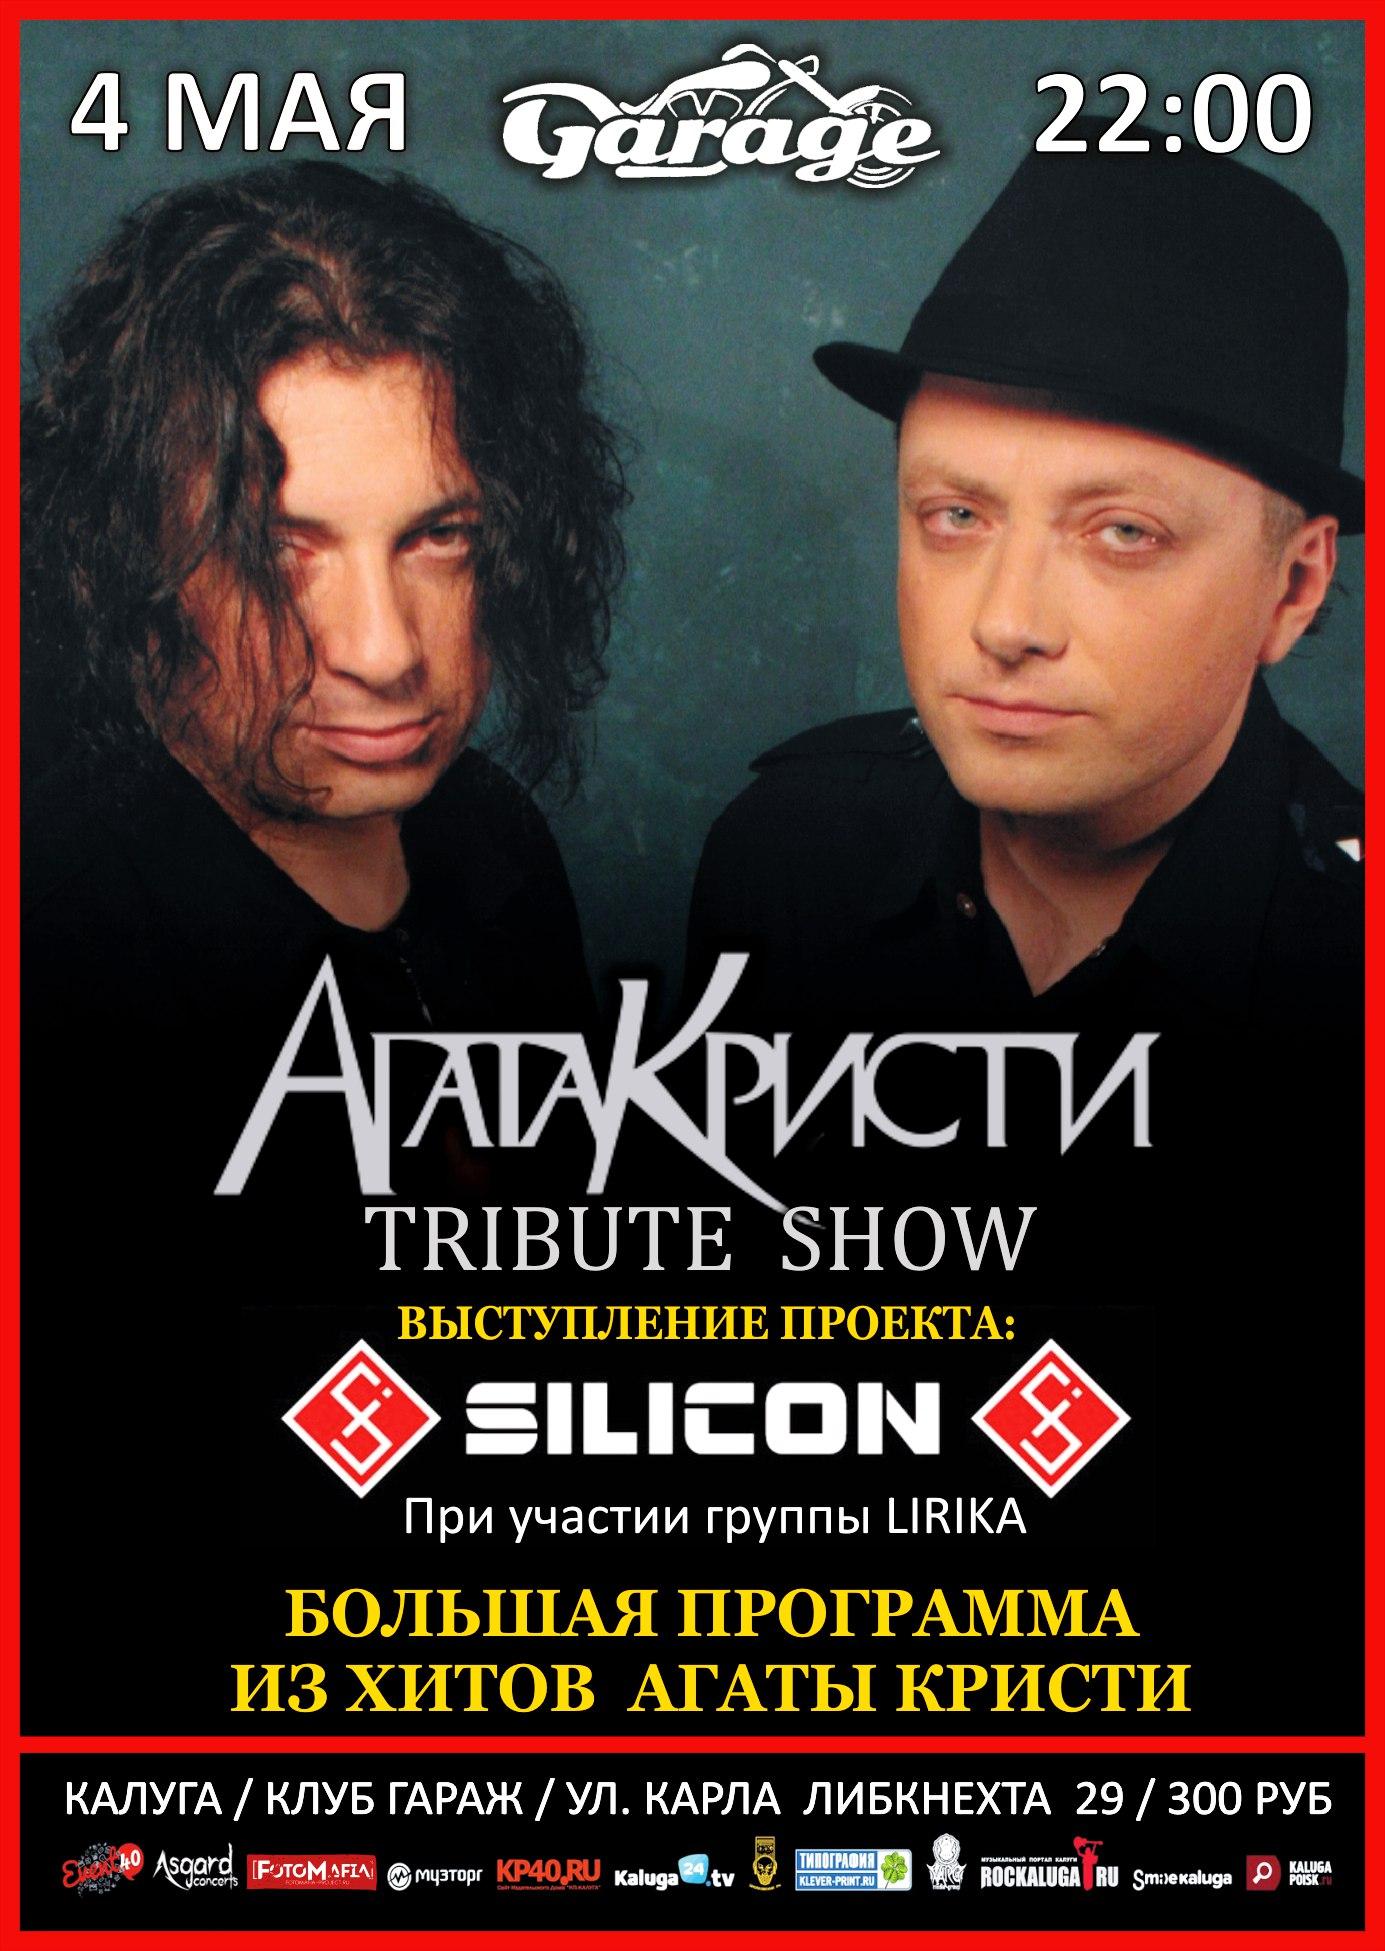 Агата Кристи Tribute Show. Garage Bar